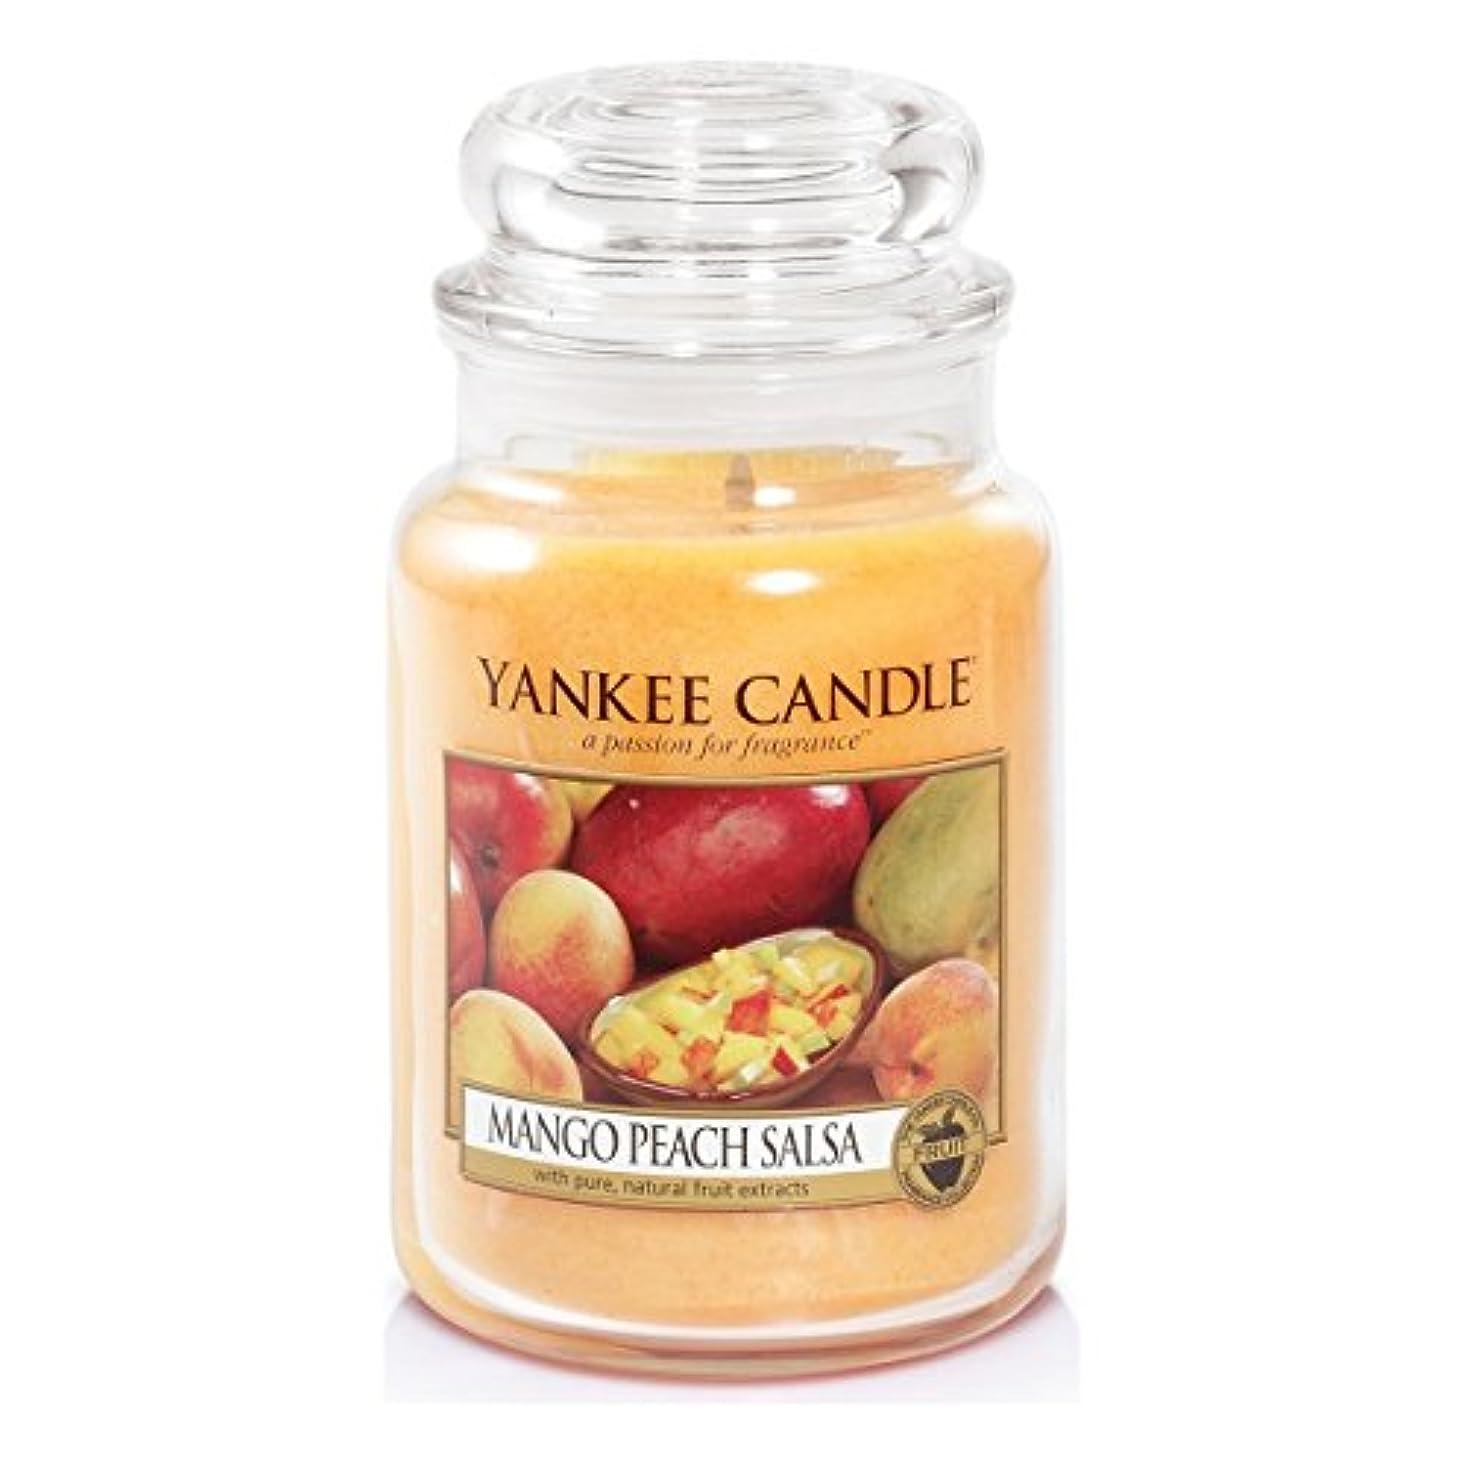 豪華なセーブ不安定なYankee Candle Large Jar Candle, Mango Peach Salsa by Yankee Candle